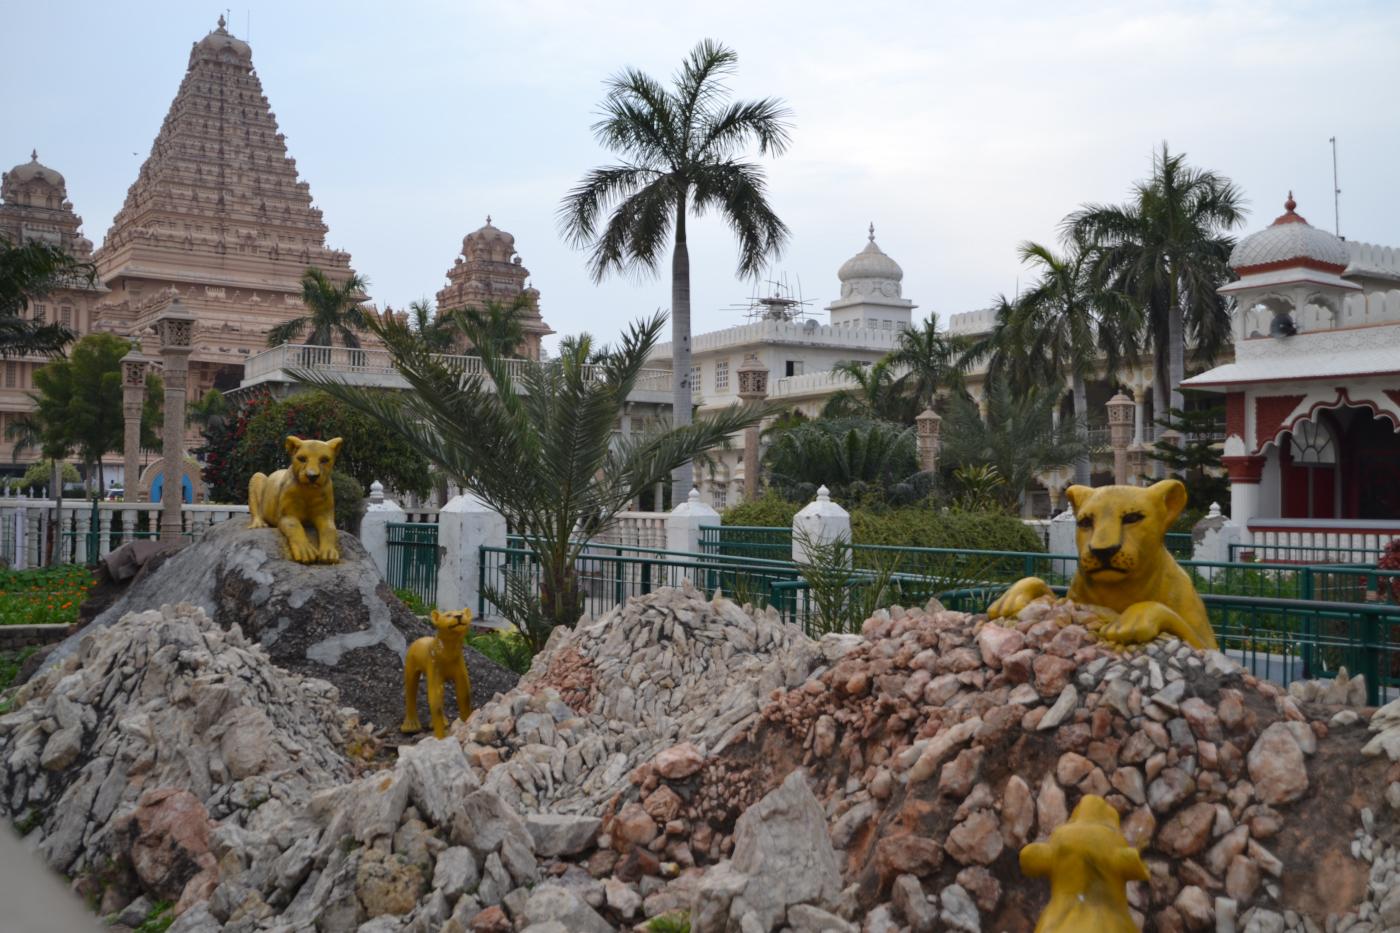 Фото 22. Композиция с леопардами на территории комплекса Чаттарпур Мандир. Поездка туристов из Омска на Мальдивы через Дели. 1/125, 5,6, 100, 55.